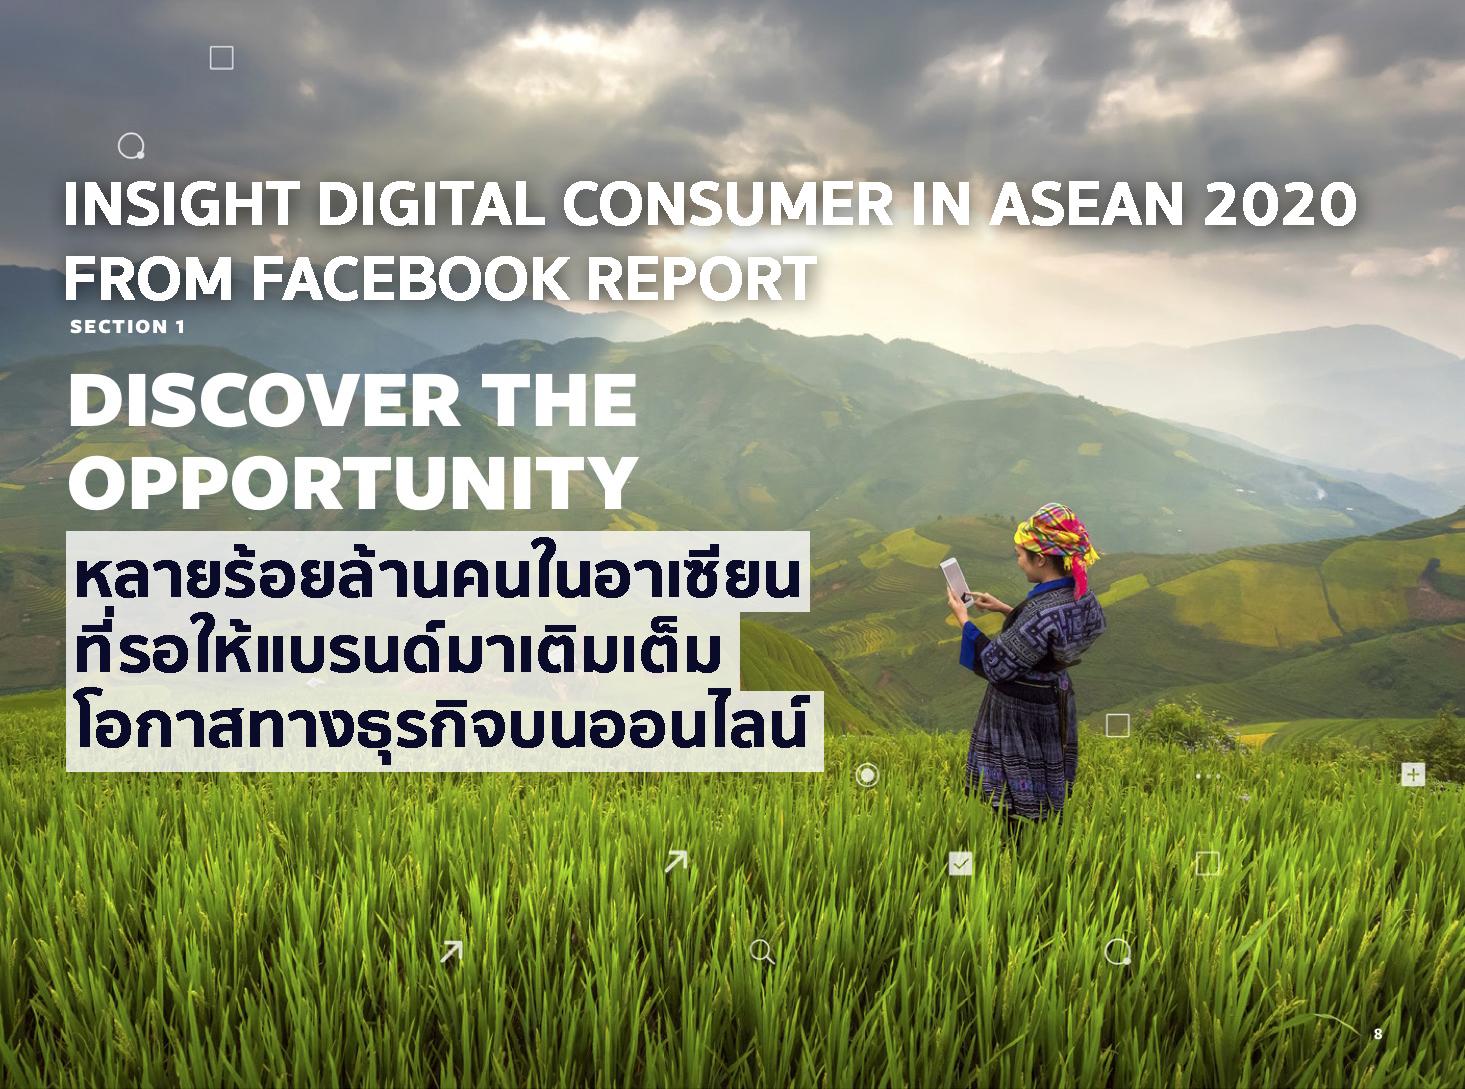 รายงาน Digital Consumer in ASEAN 2020 จาก Facebook เมื่อคนมาออนไลน์แต่ยังไม่มีใครมาเติมเต็ม